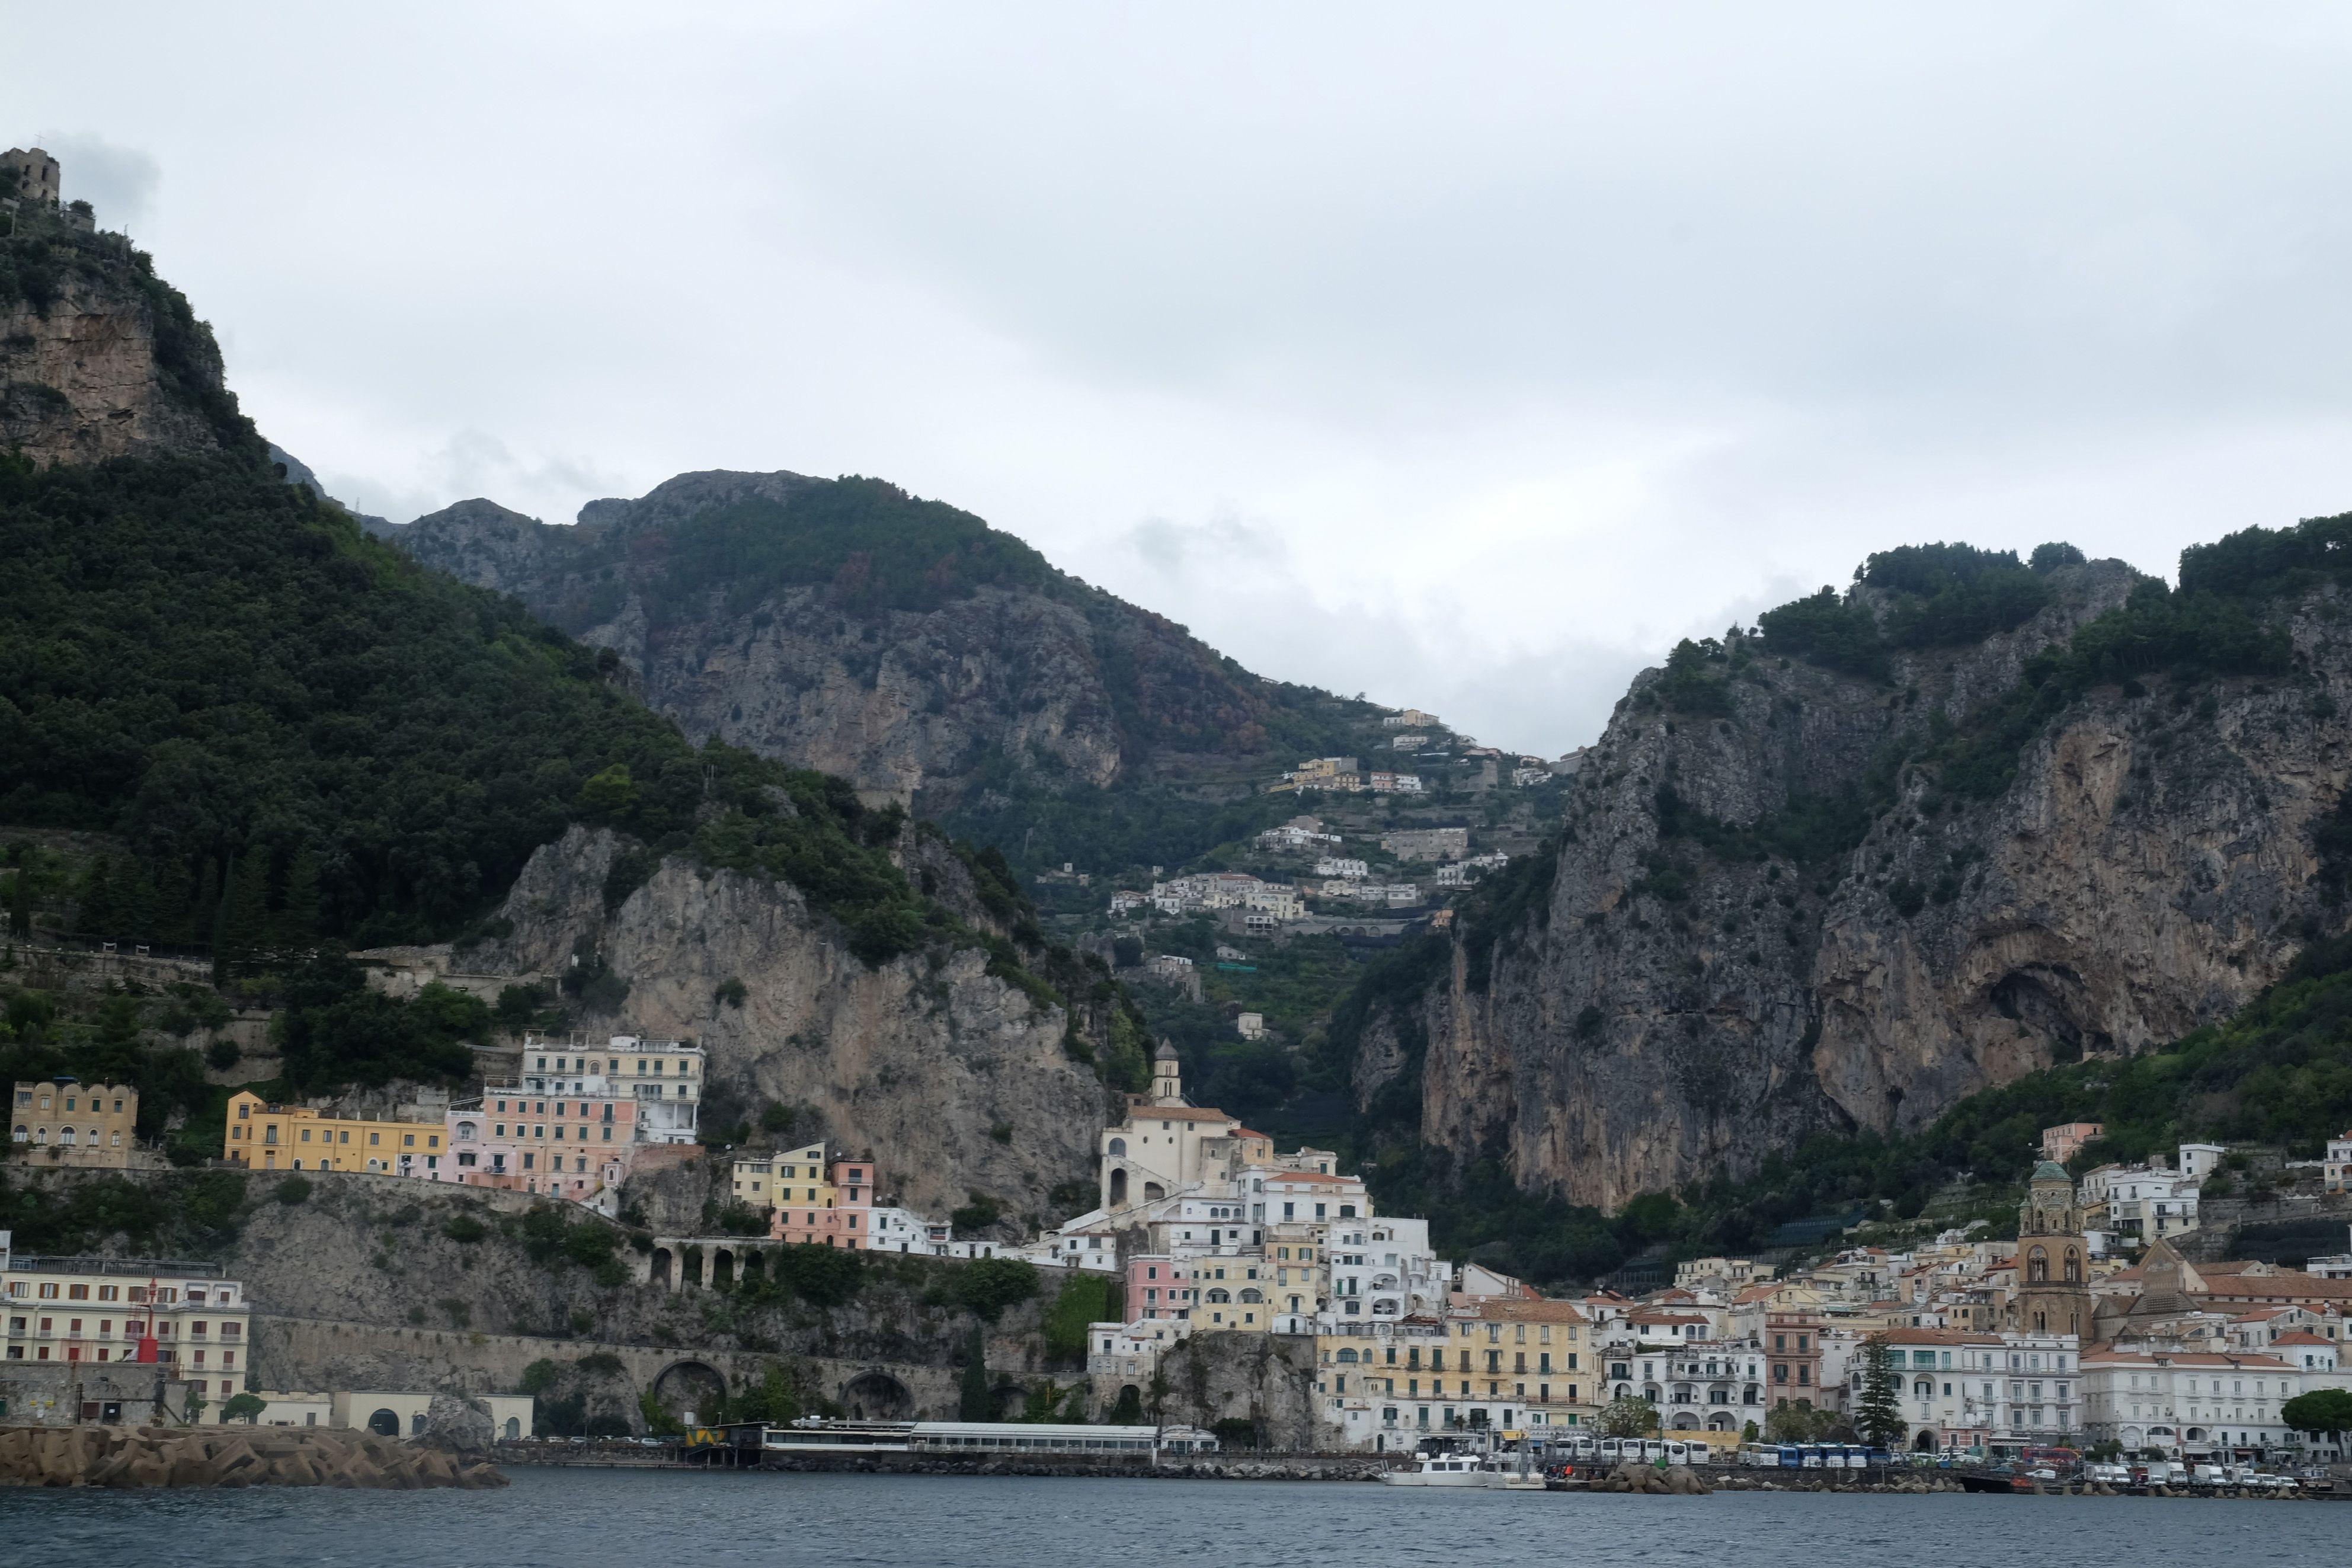 Costiera Amalfitana- samozatajni mirisi mediteranske obale